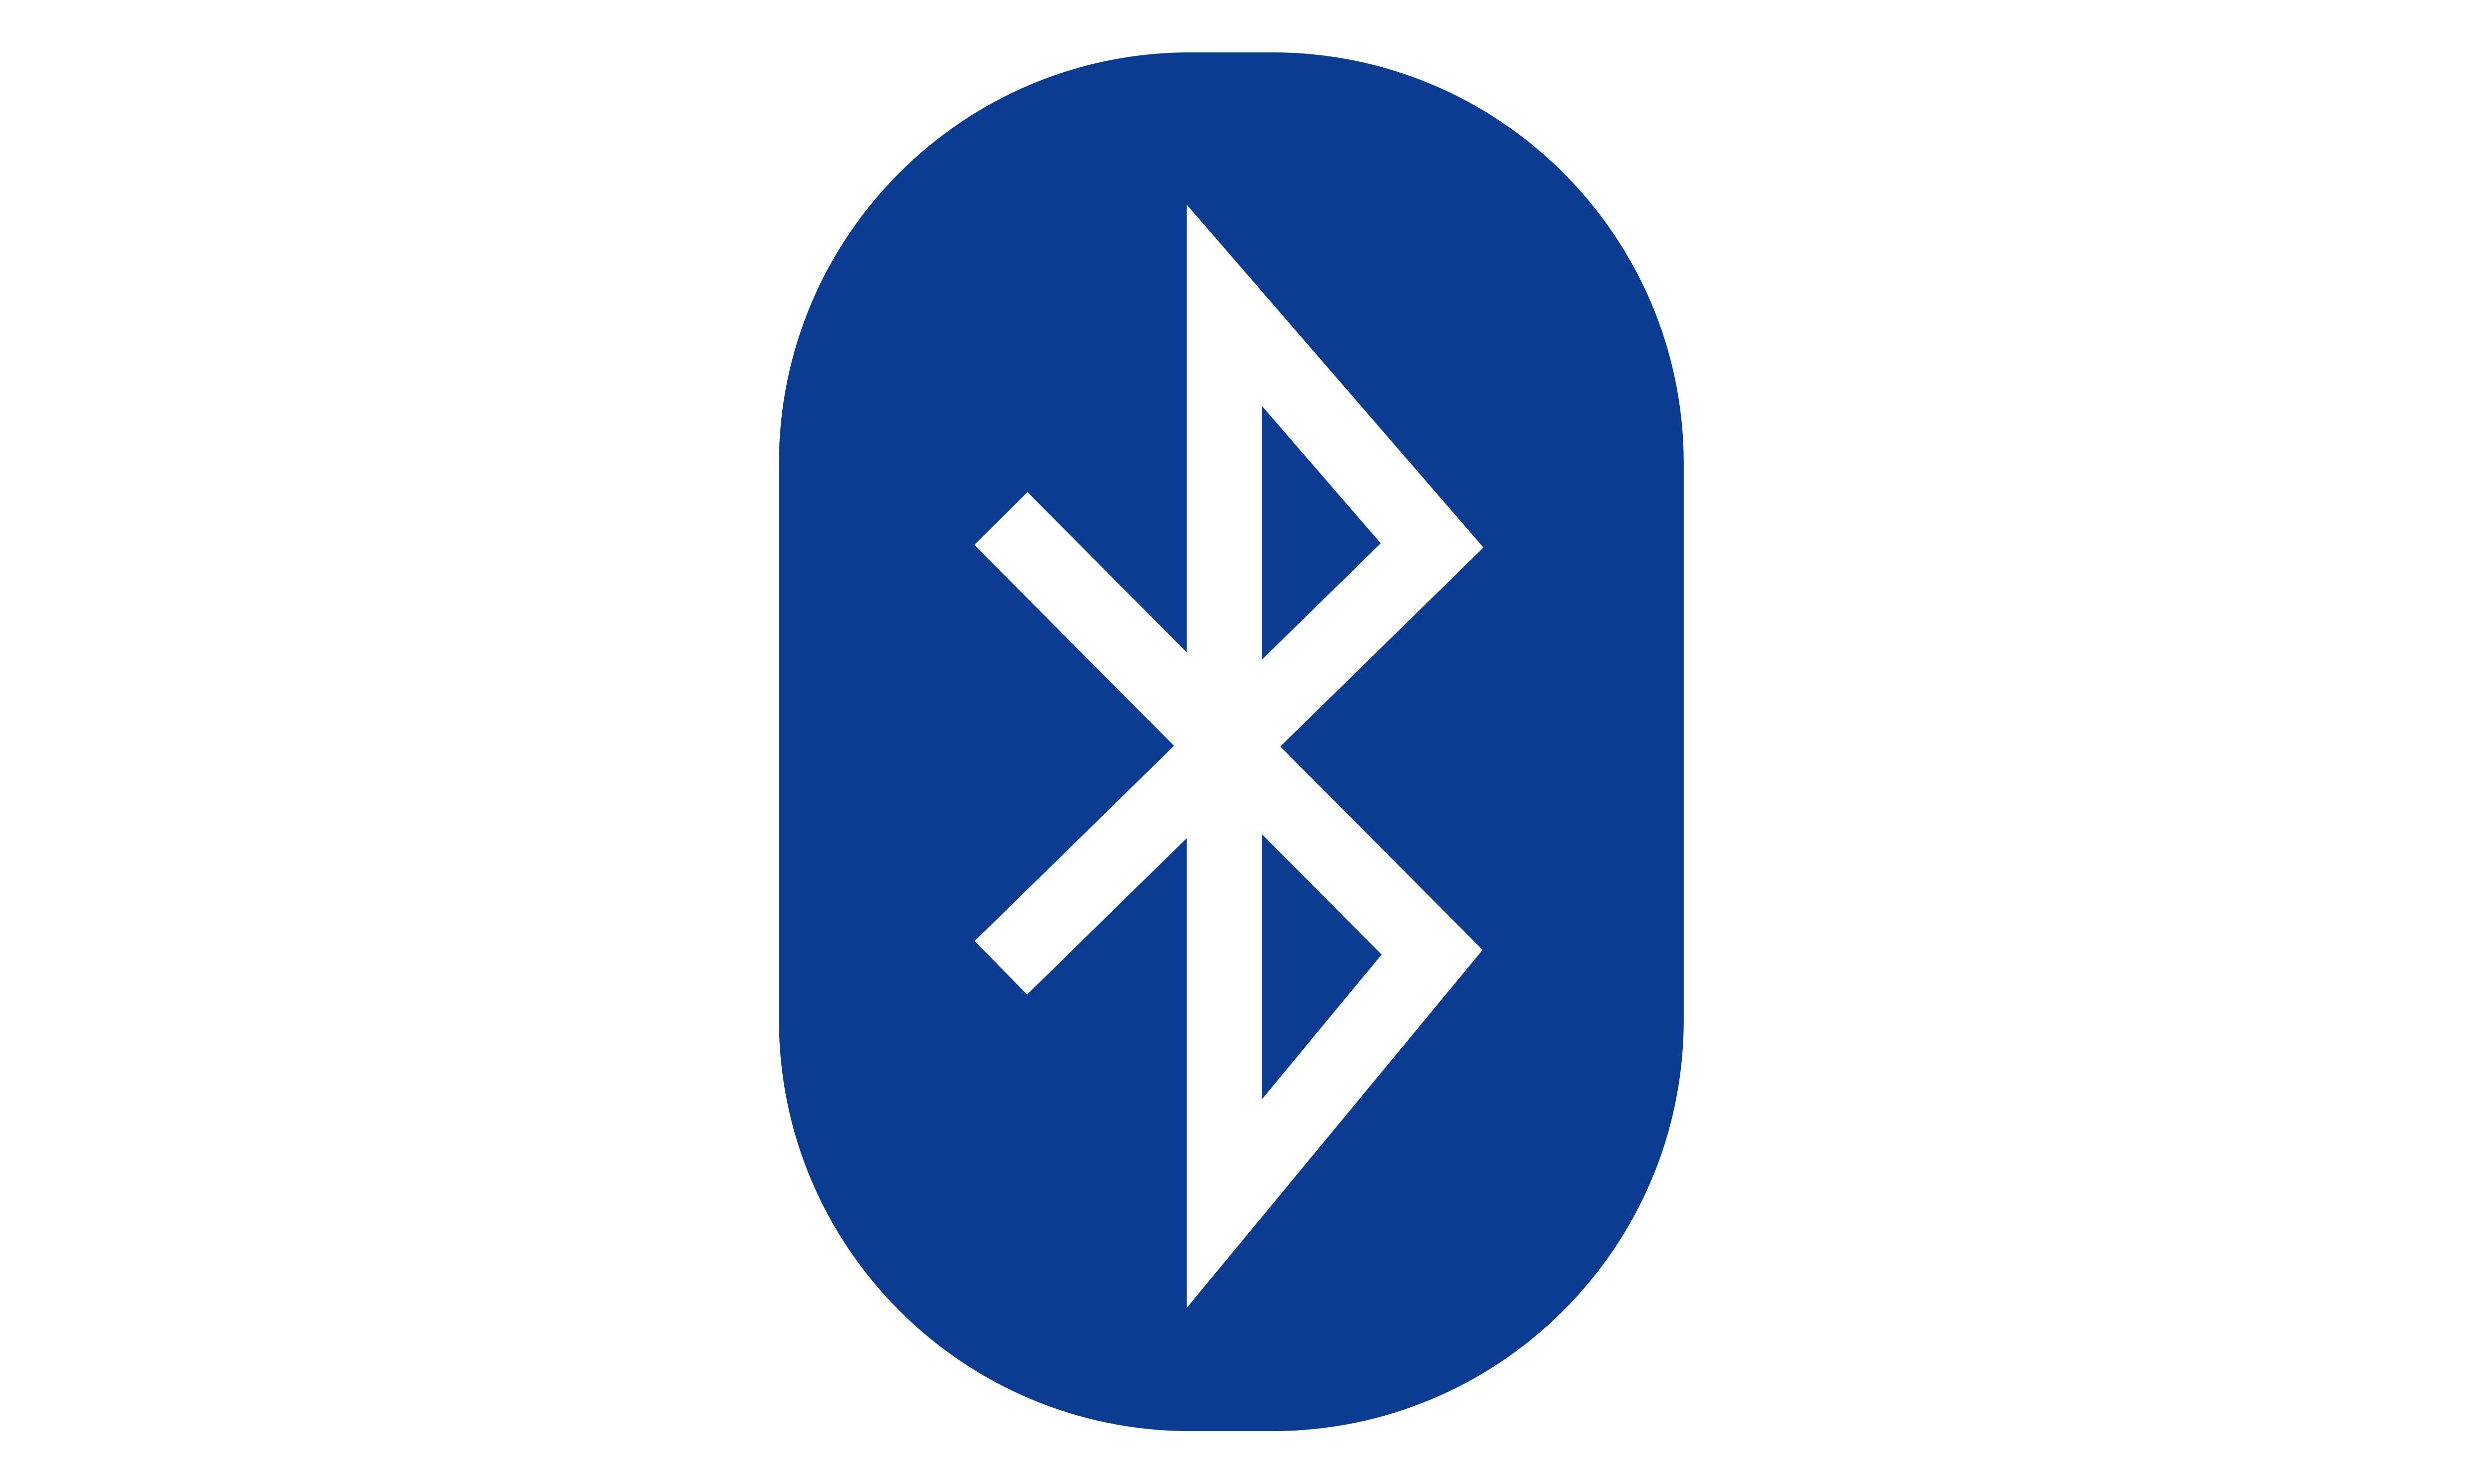 Esto es lo que le puede pasar a tu celular si mantenés siempre encendido el Bluetooth